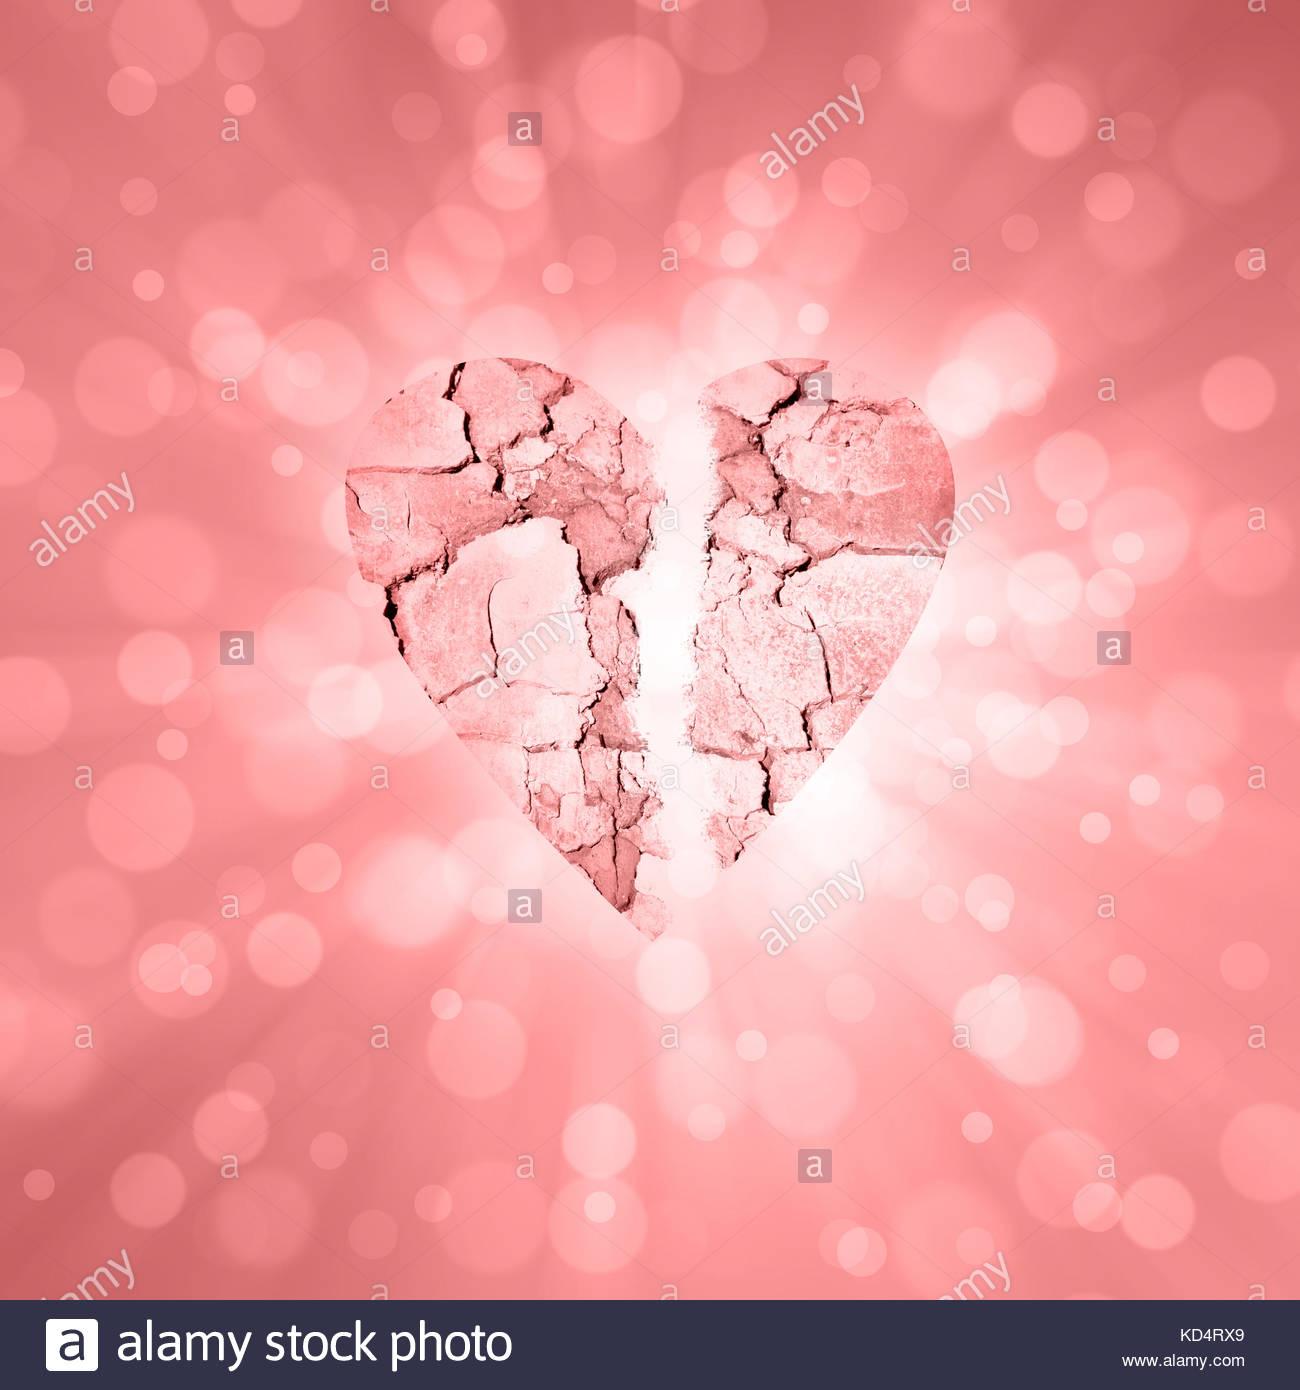 Texturierte leuchtend rote Farbe gebrochenes Herz Symbol auf radialen verschwommen rotes Licht bokeh Hintergrund. Stockbild